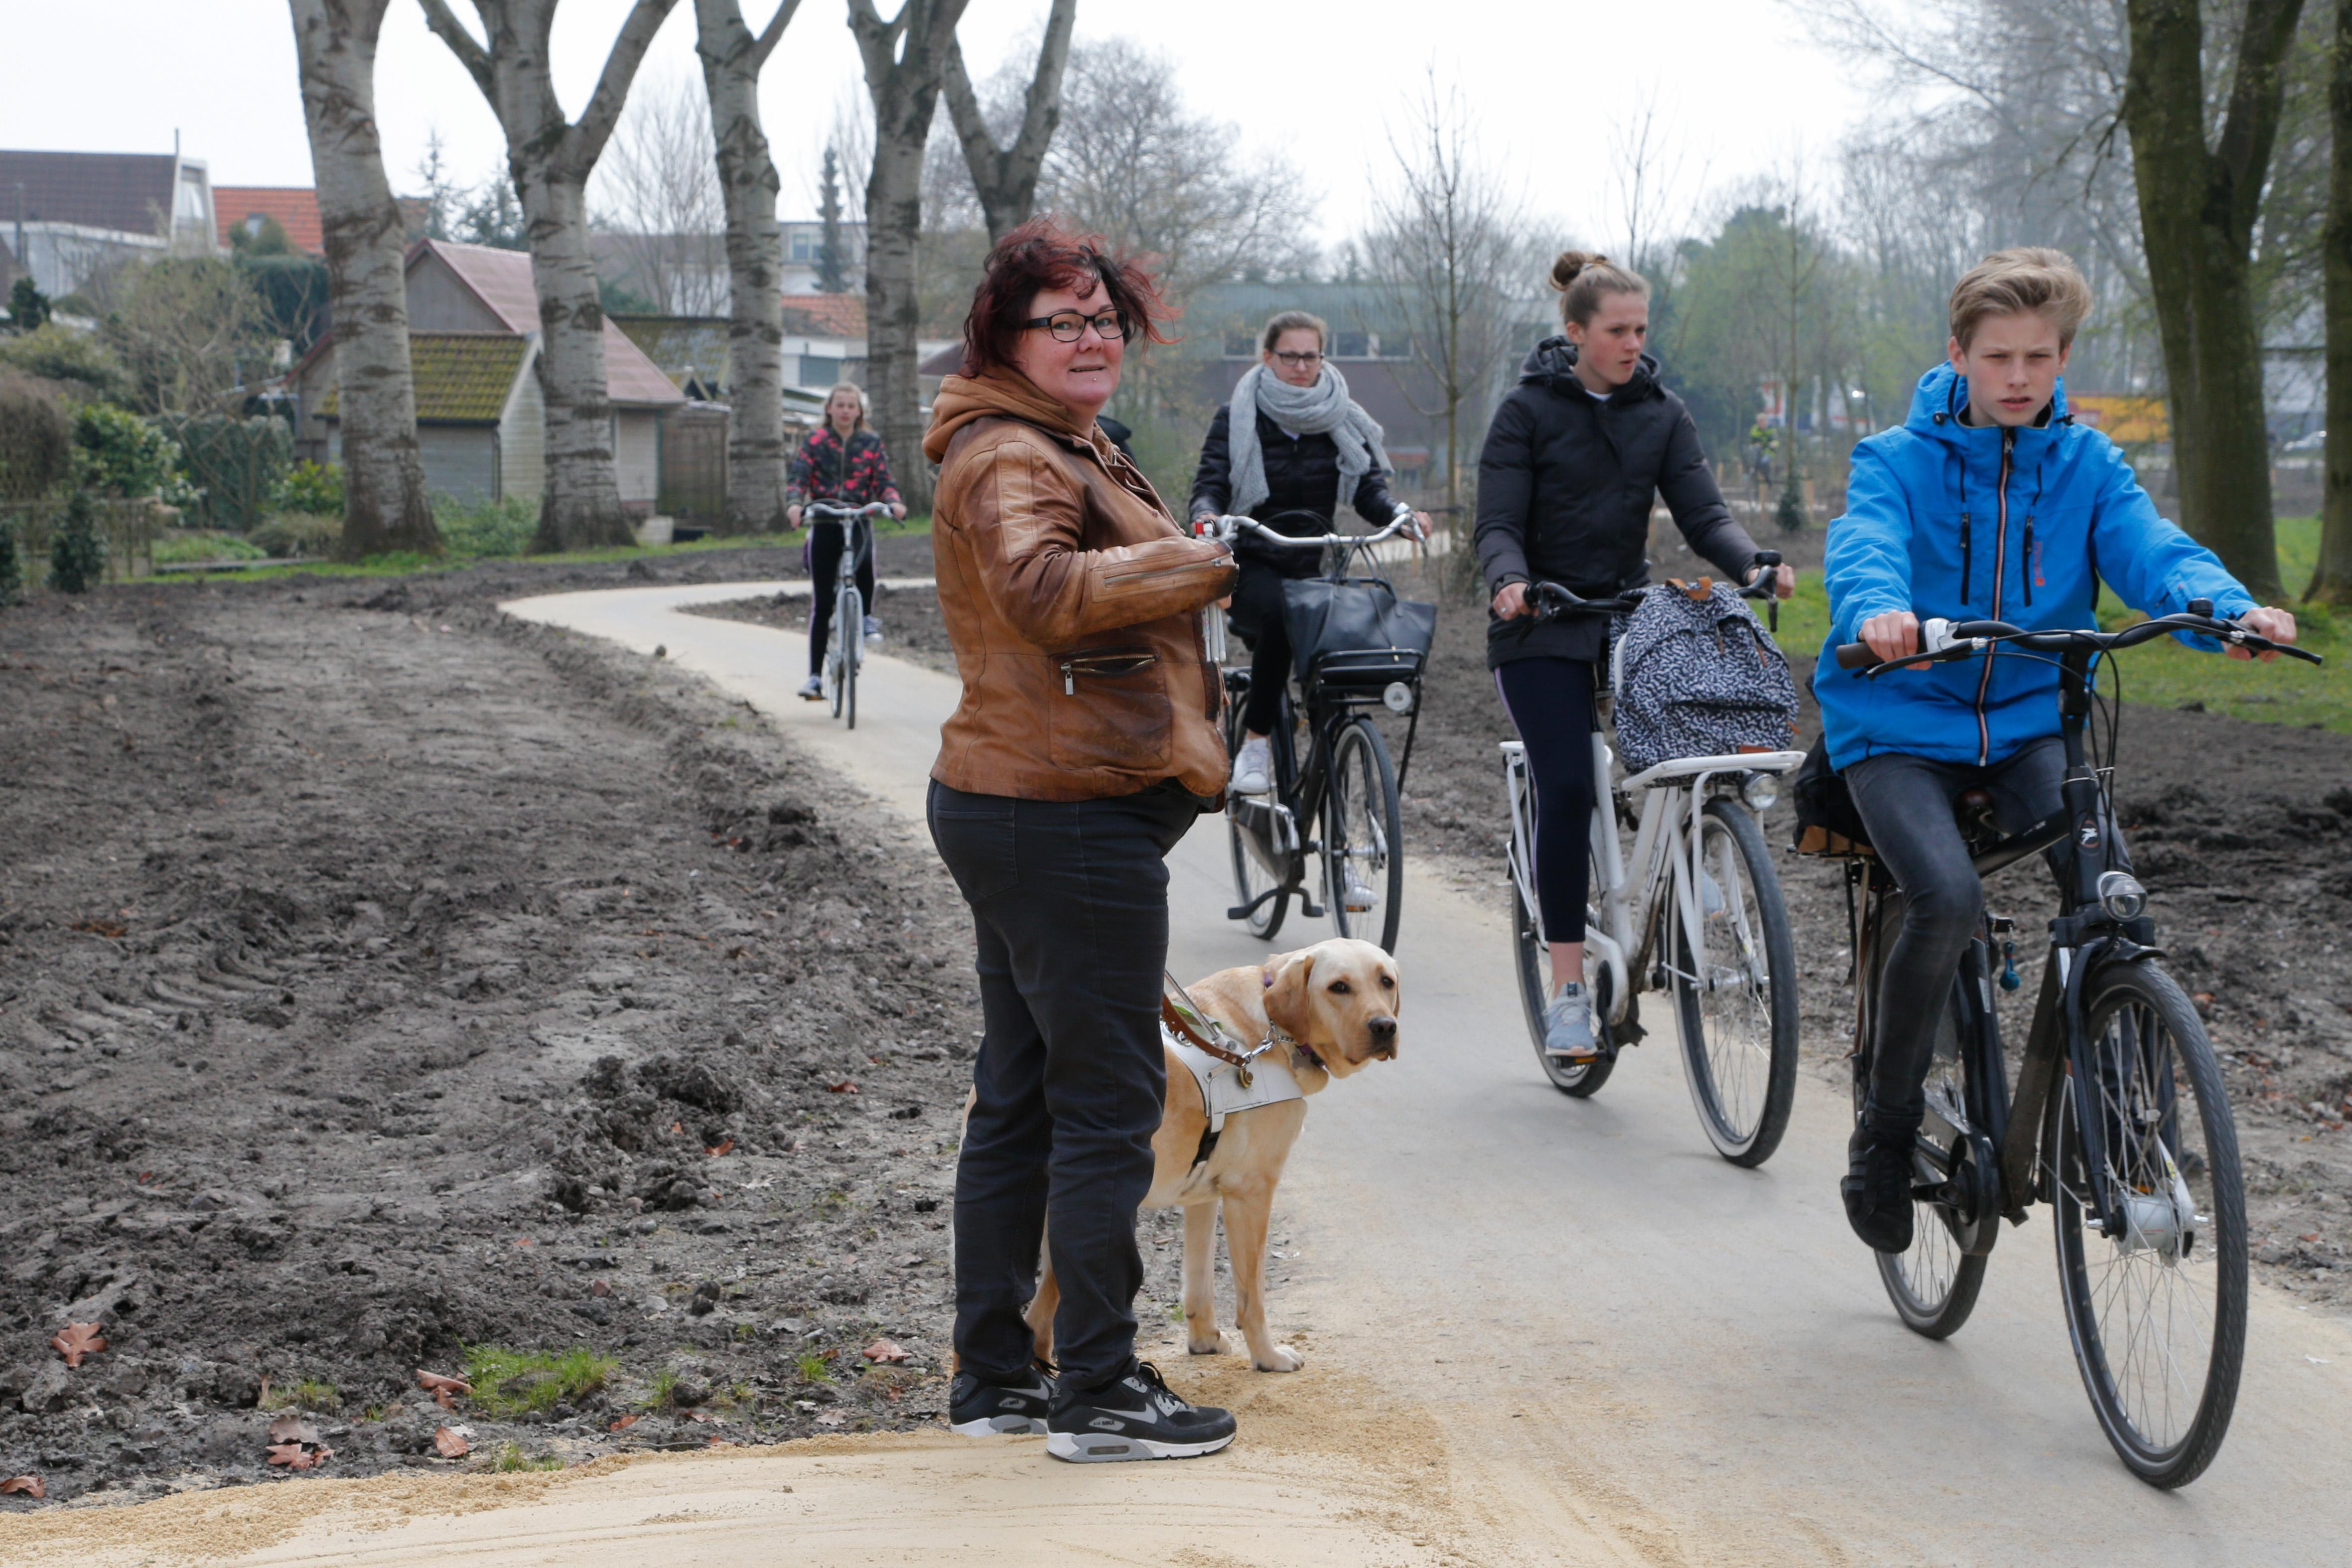 Hordes fietsers maken in Hoorn voetpad onveilig